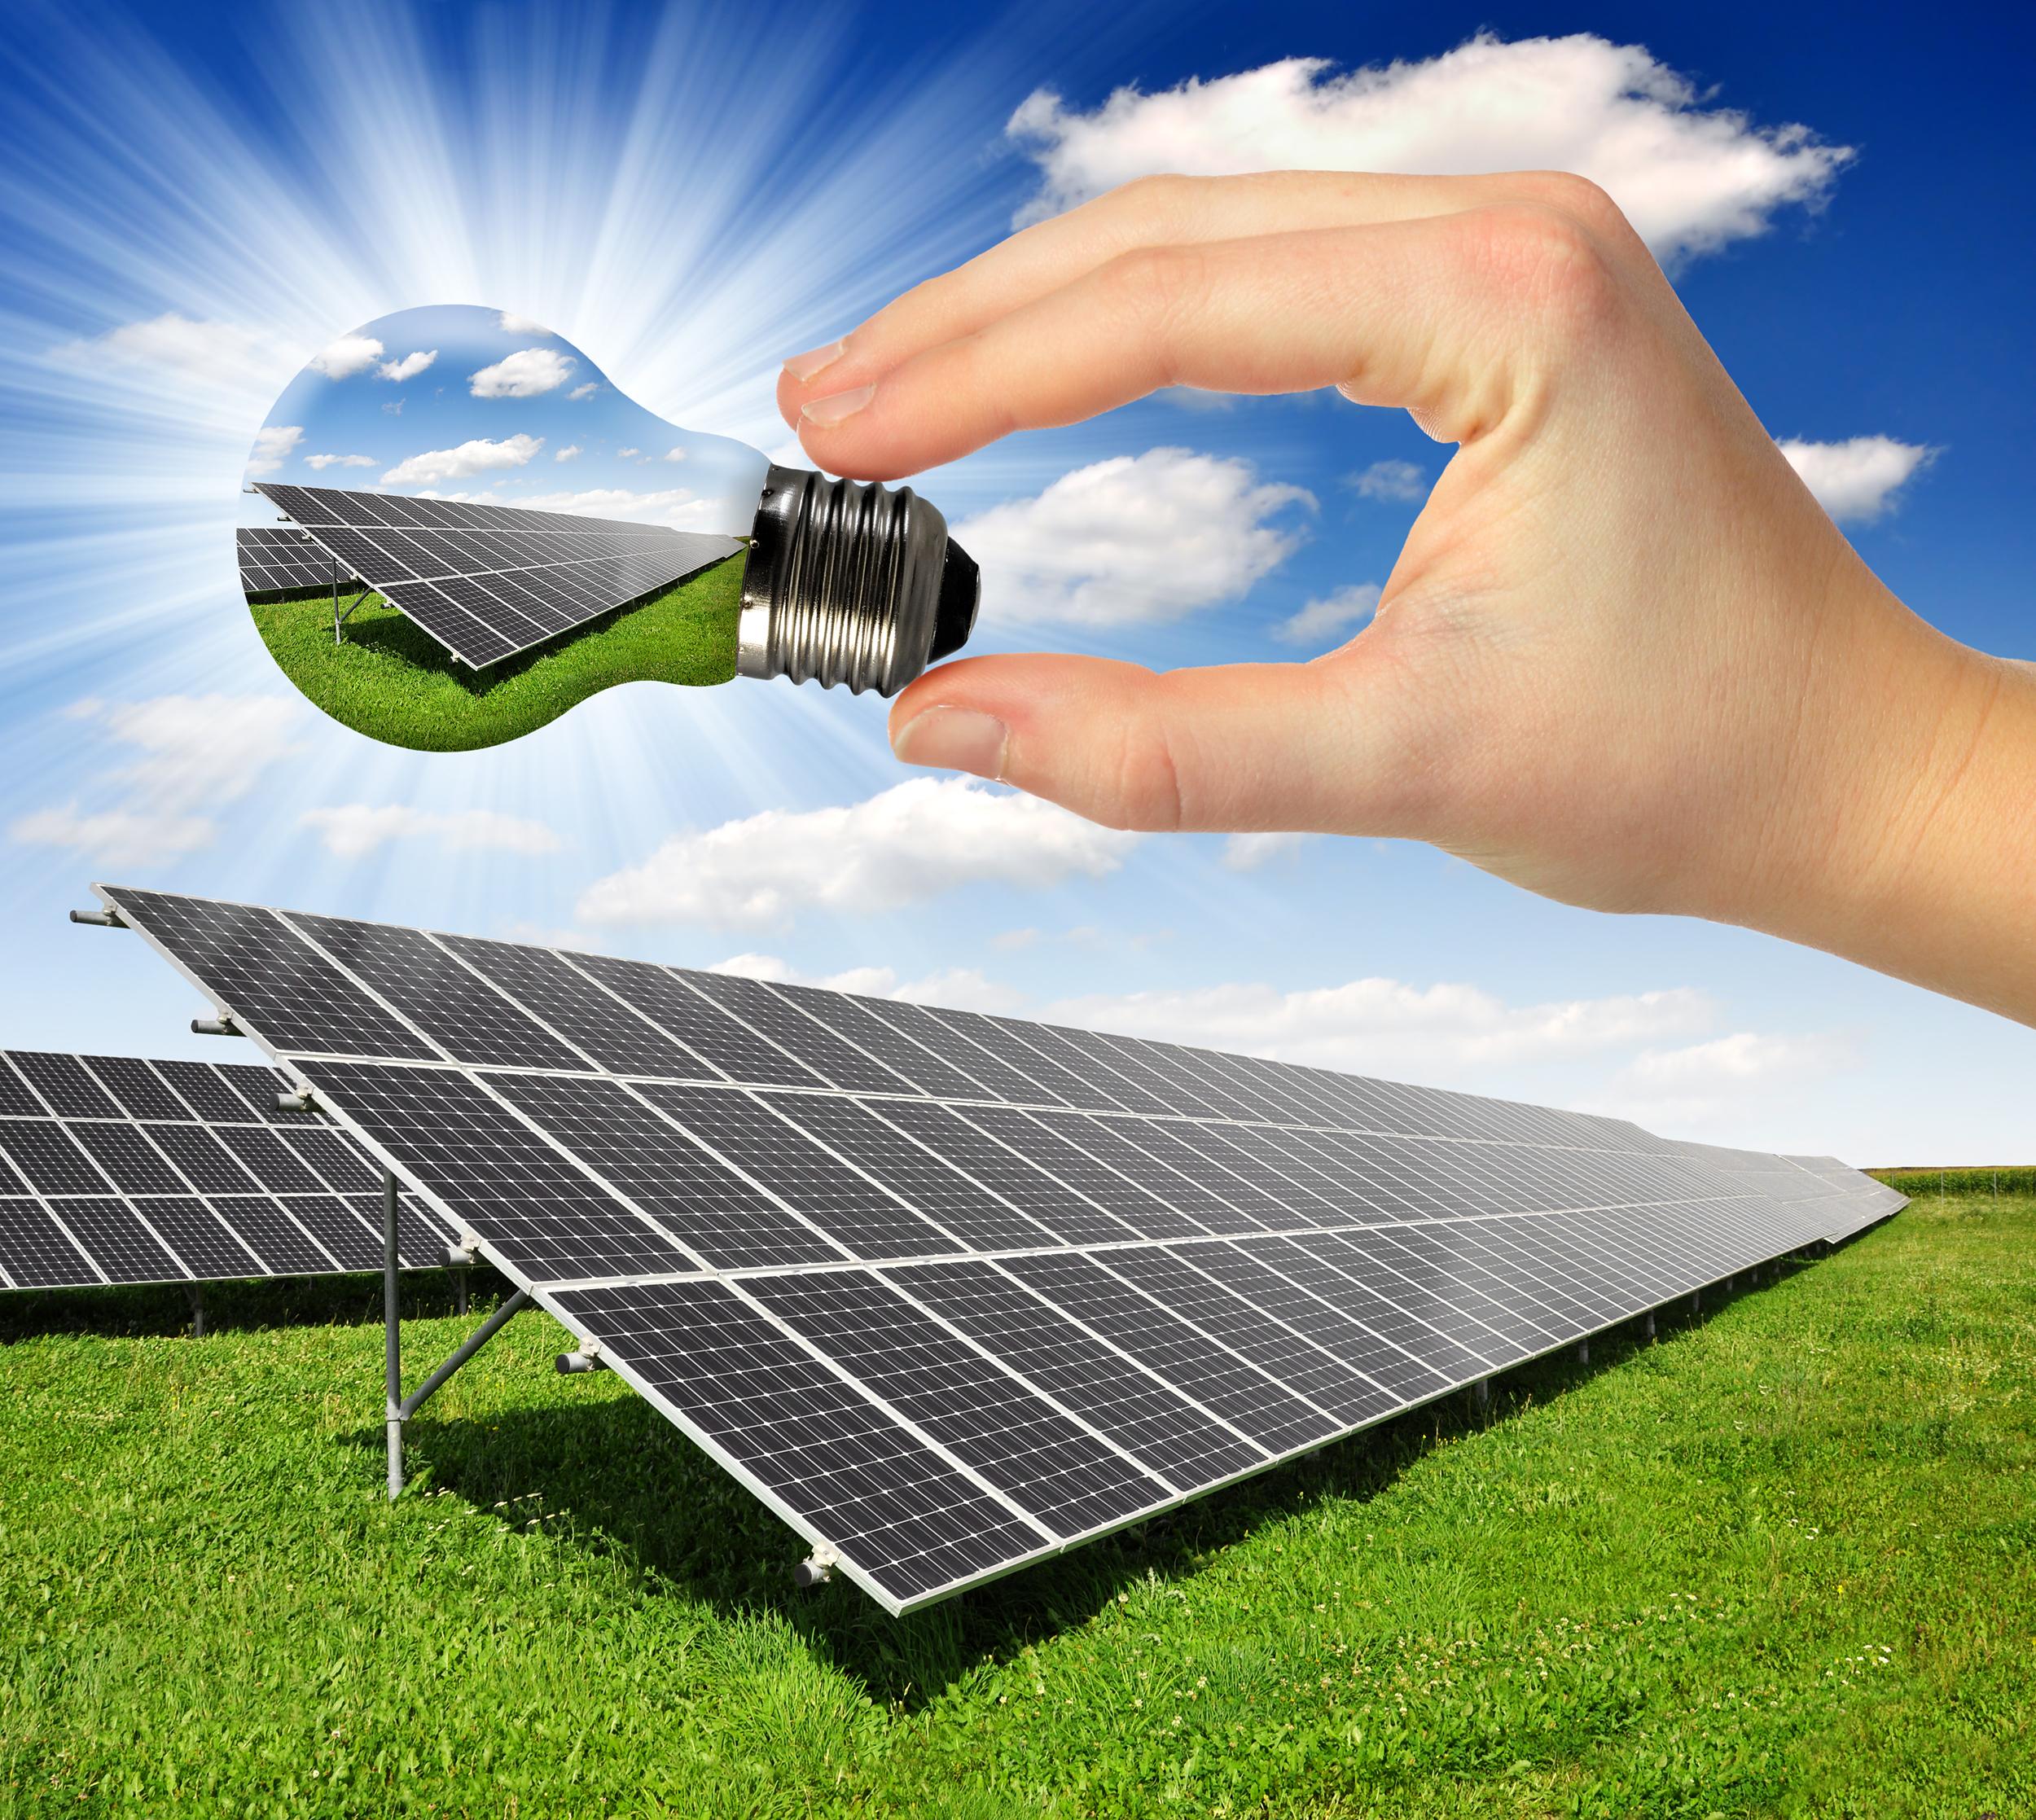 silicon valley sostiene obama per l'energia sostenibile